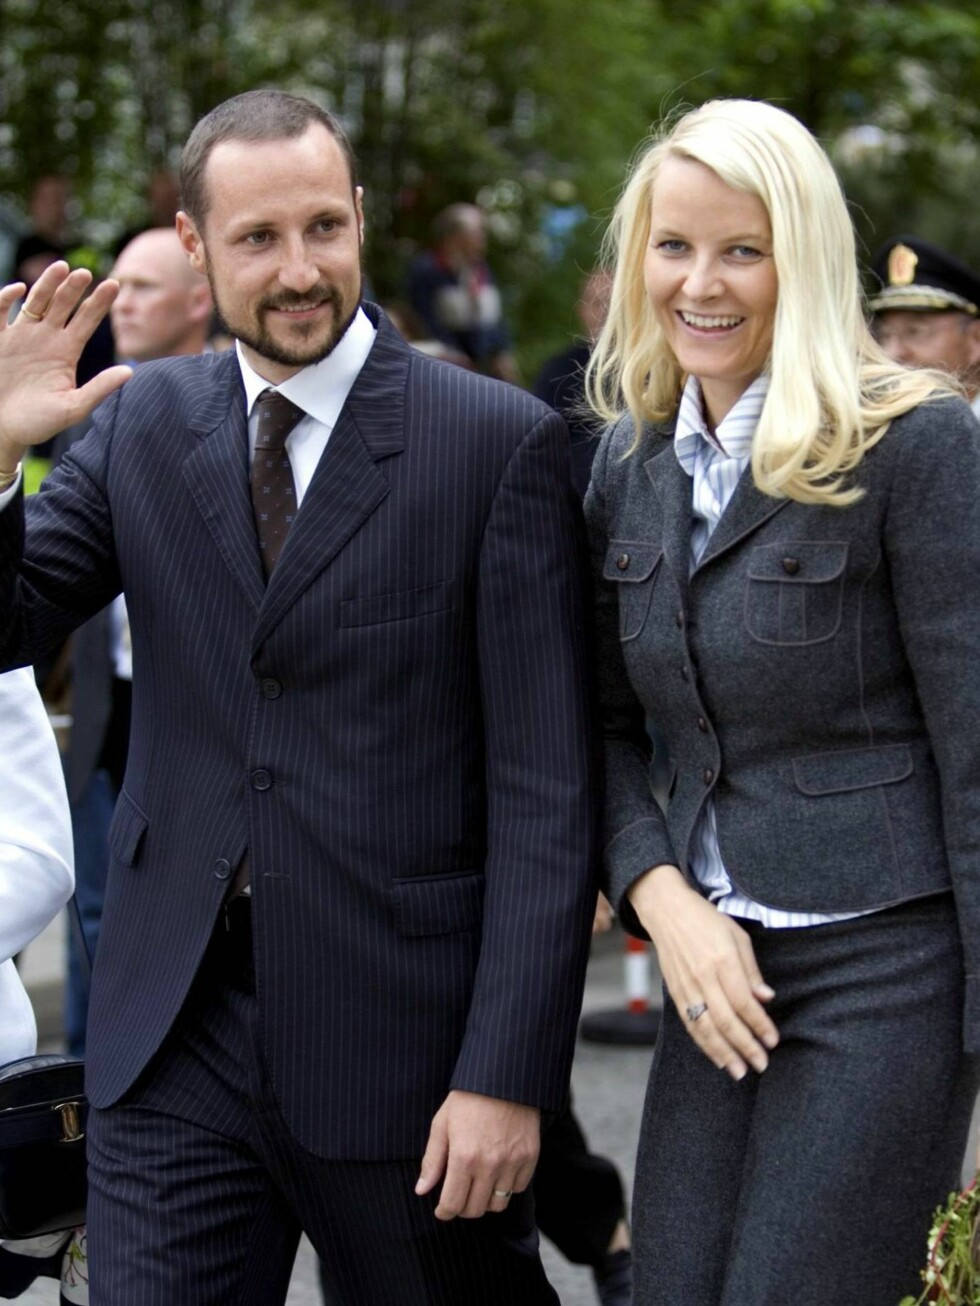 PÅ TUR: Kronprins Haakon og kronprinsesse Mette-Marit innledet tirsdag sitt fylkesbesøk i Sogn og Fjordane. Foto: All Over Press